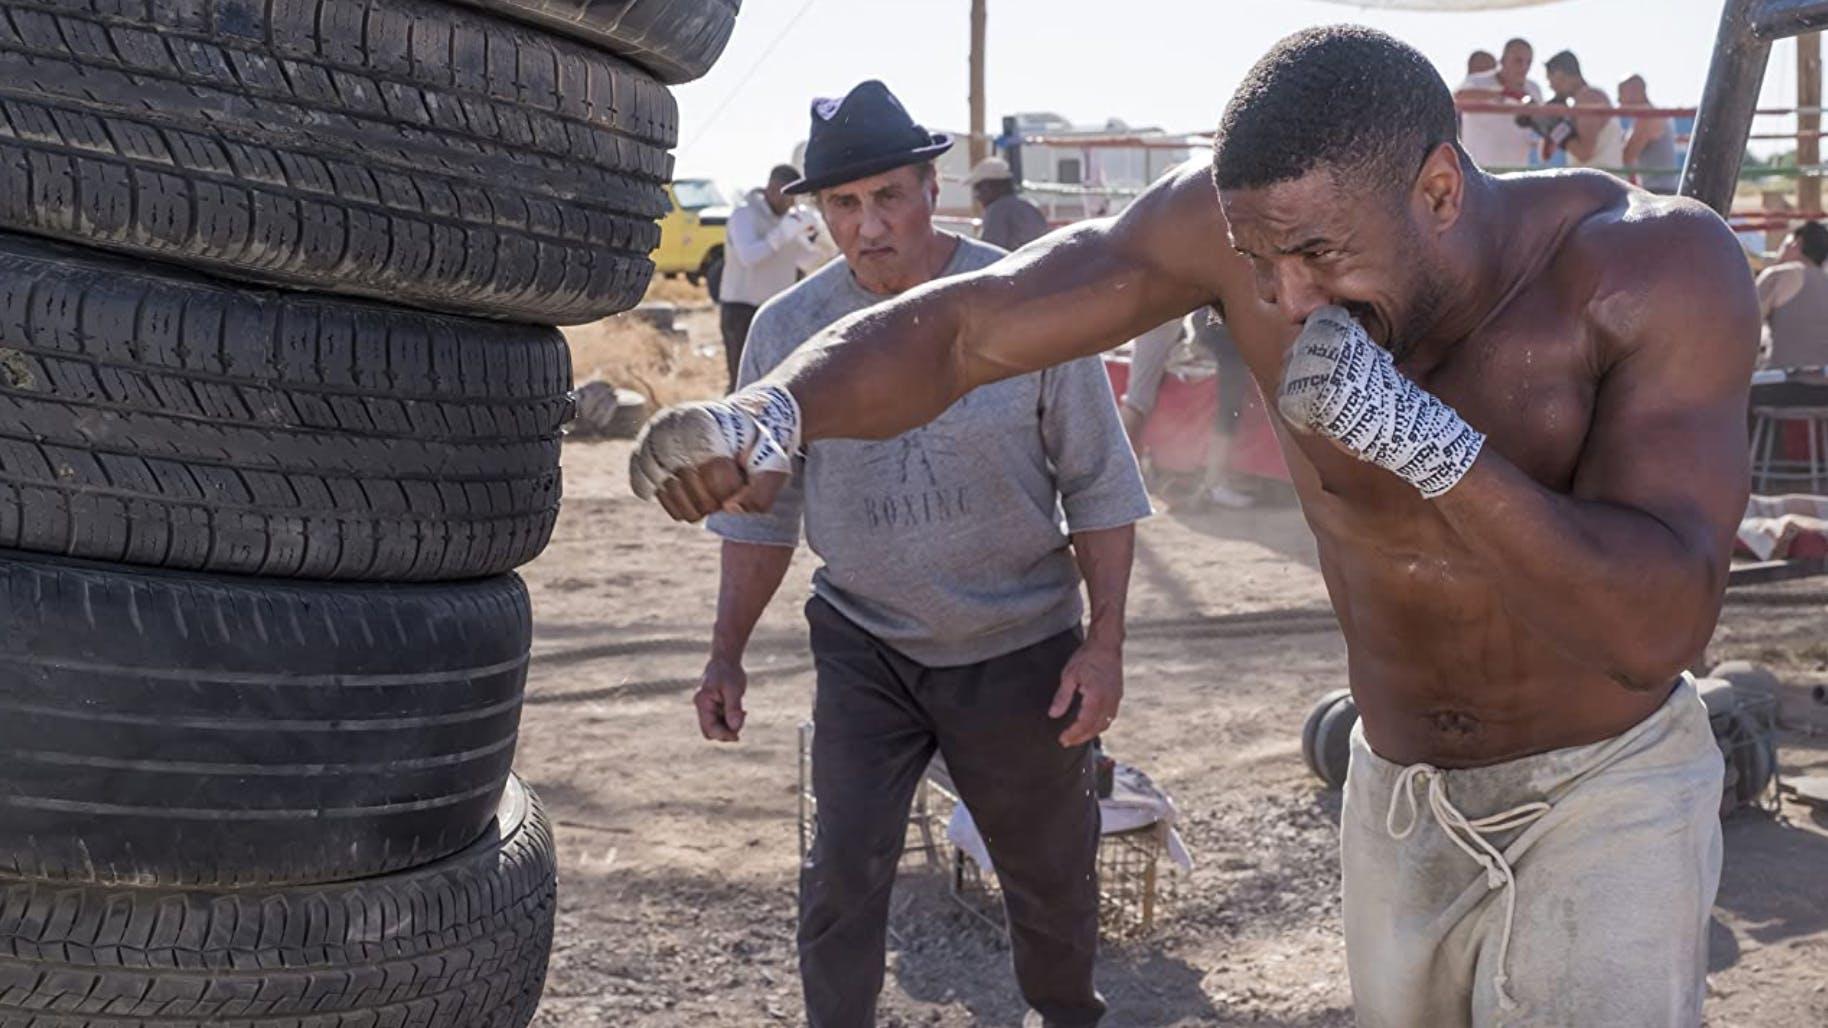 «Creed II» (2018): Als Trainer macht sich Rocky eigentlich ganz gut, hoffentlich nimmt die Figur von Michael B. Jordan diesen Ratschlag allerdings nicht all zu ernst: «Stell dein Hirn ab und lass dein Herz sprechen.»